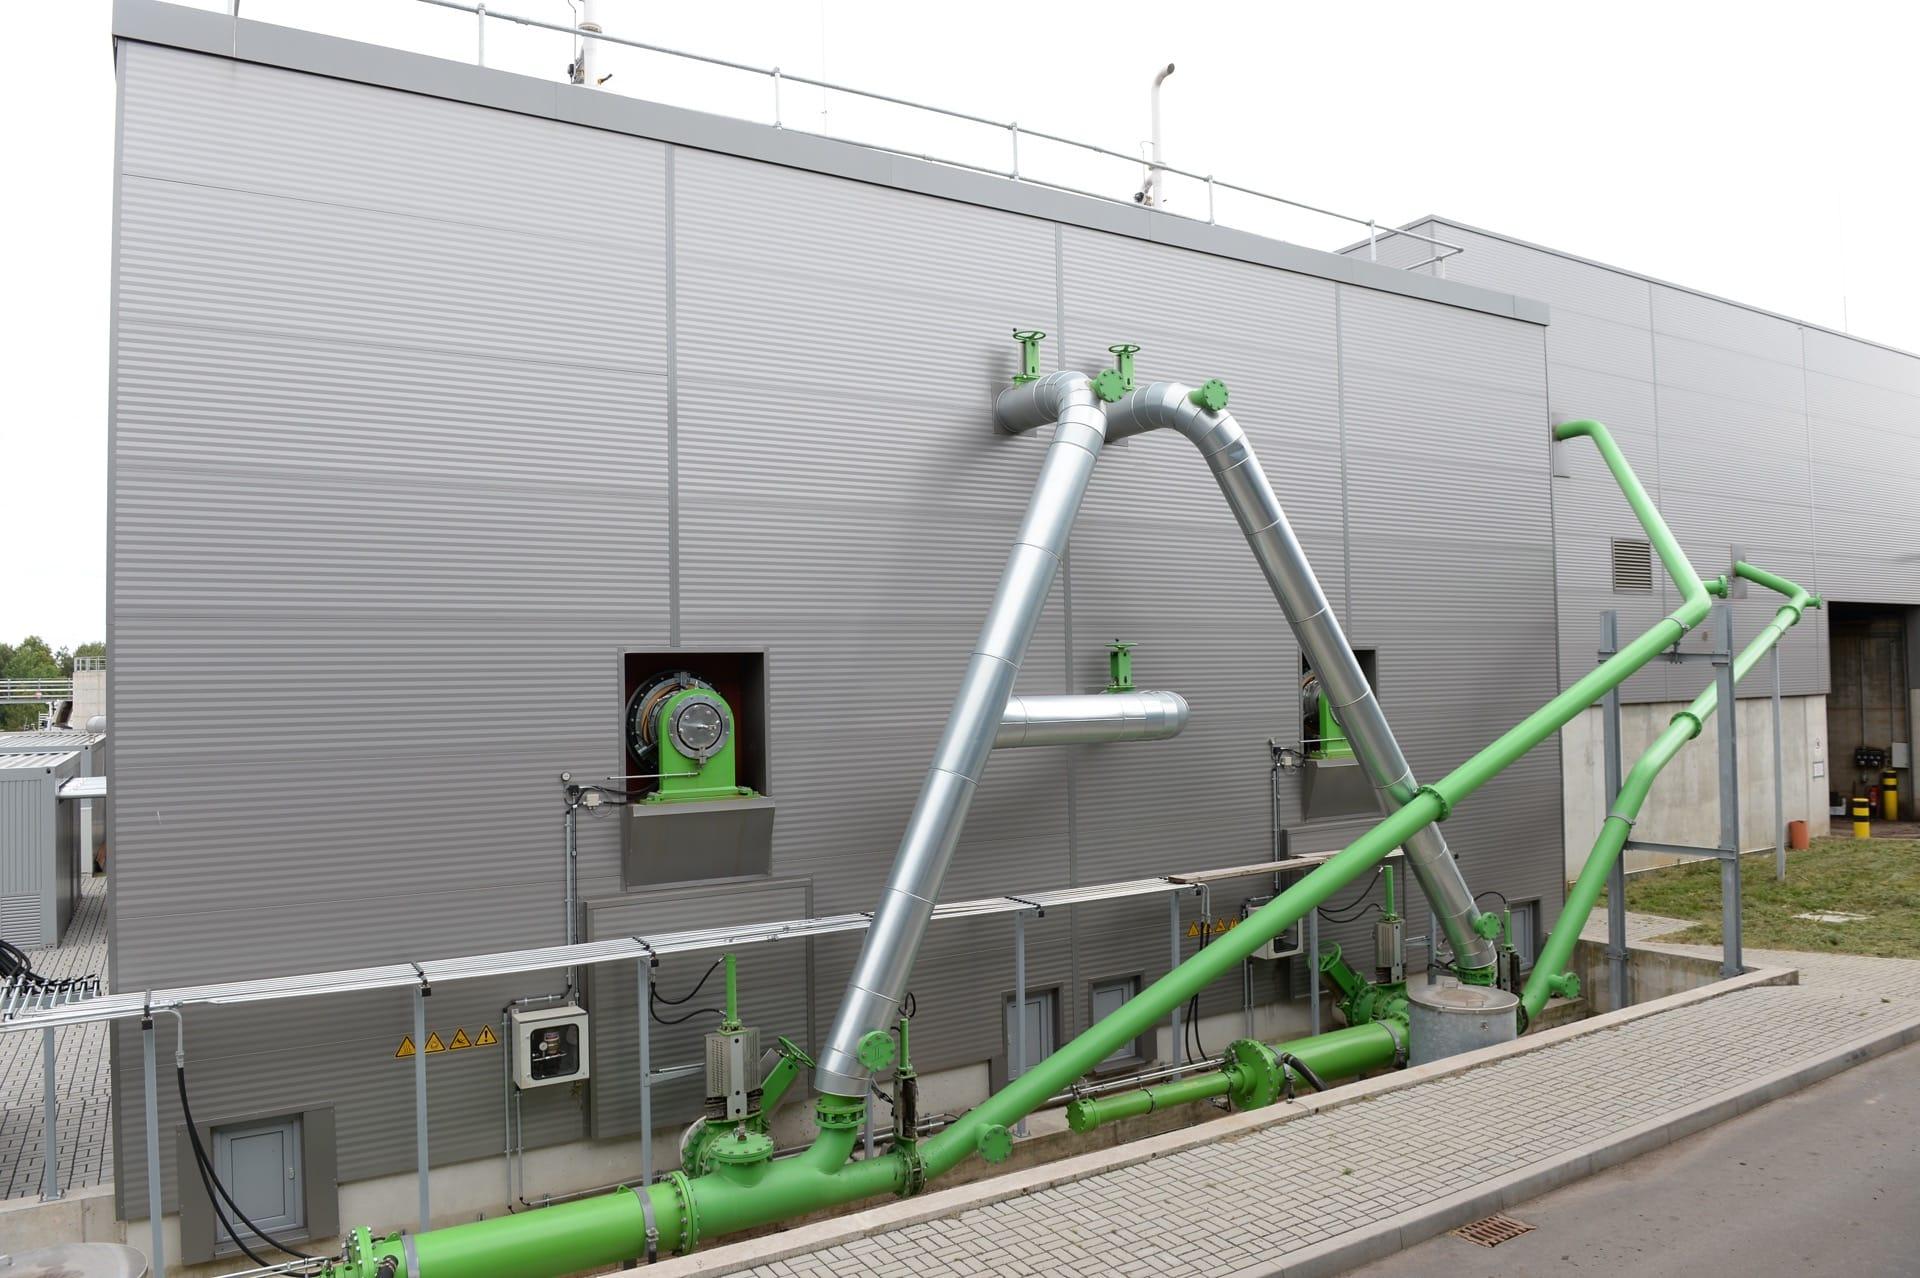 Kompogas Concrete Digester – Fulda, Germany